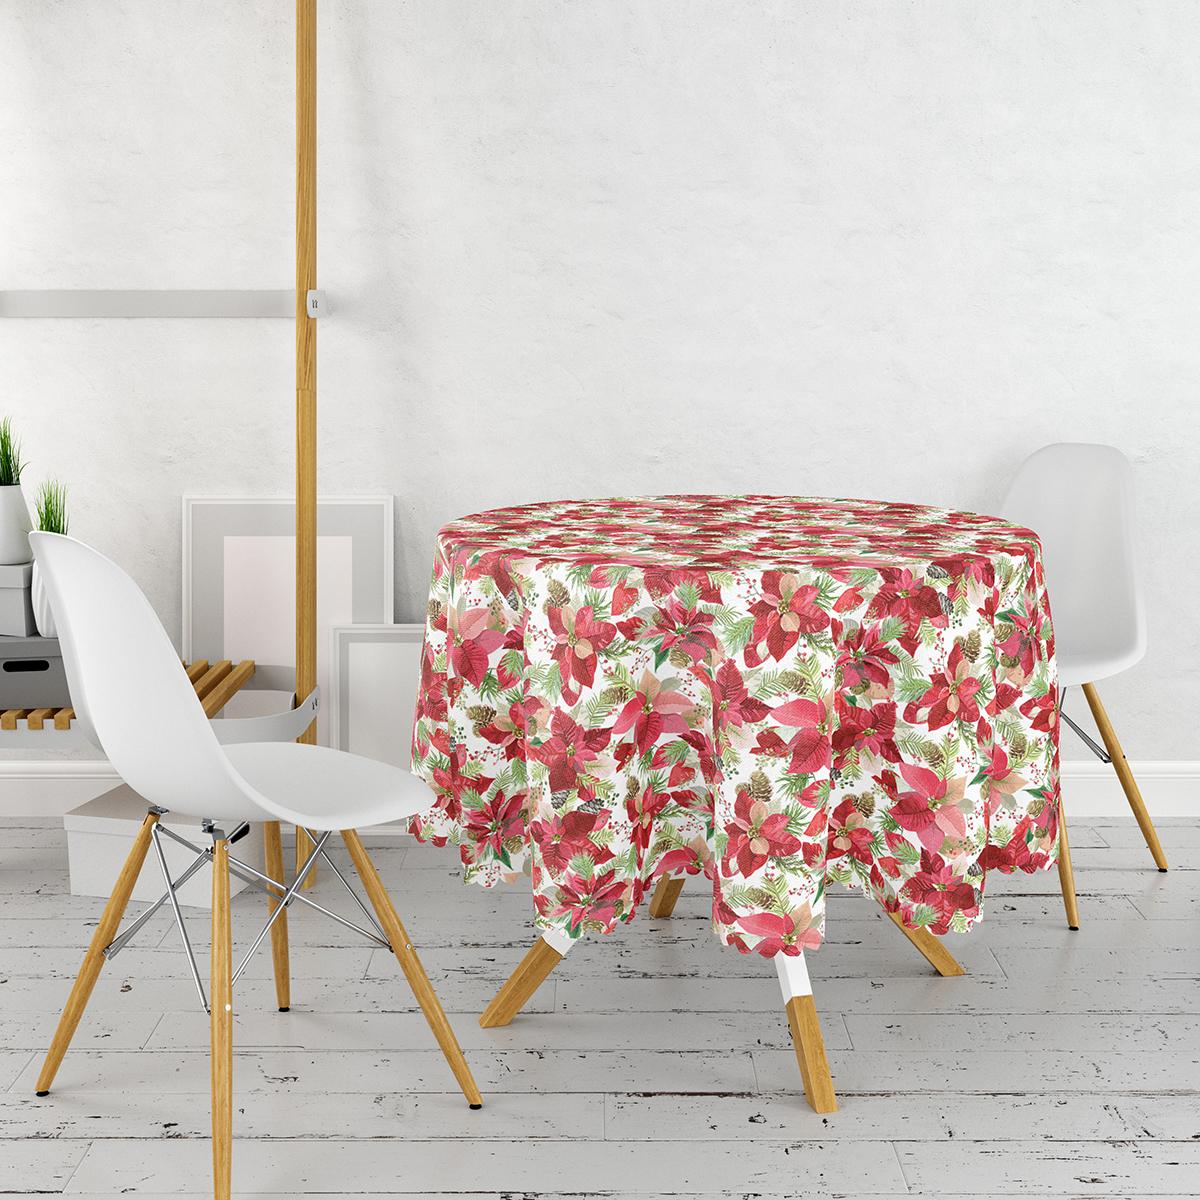 Beyaz Zeminli Renkli Yaprak Desenli Dijital Baskılı Modern Yuvarlak Masa Örtüsü - Çap 140cm Realhomes